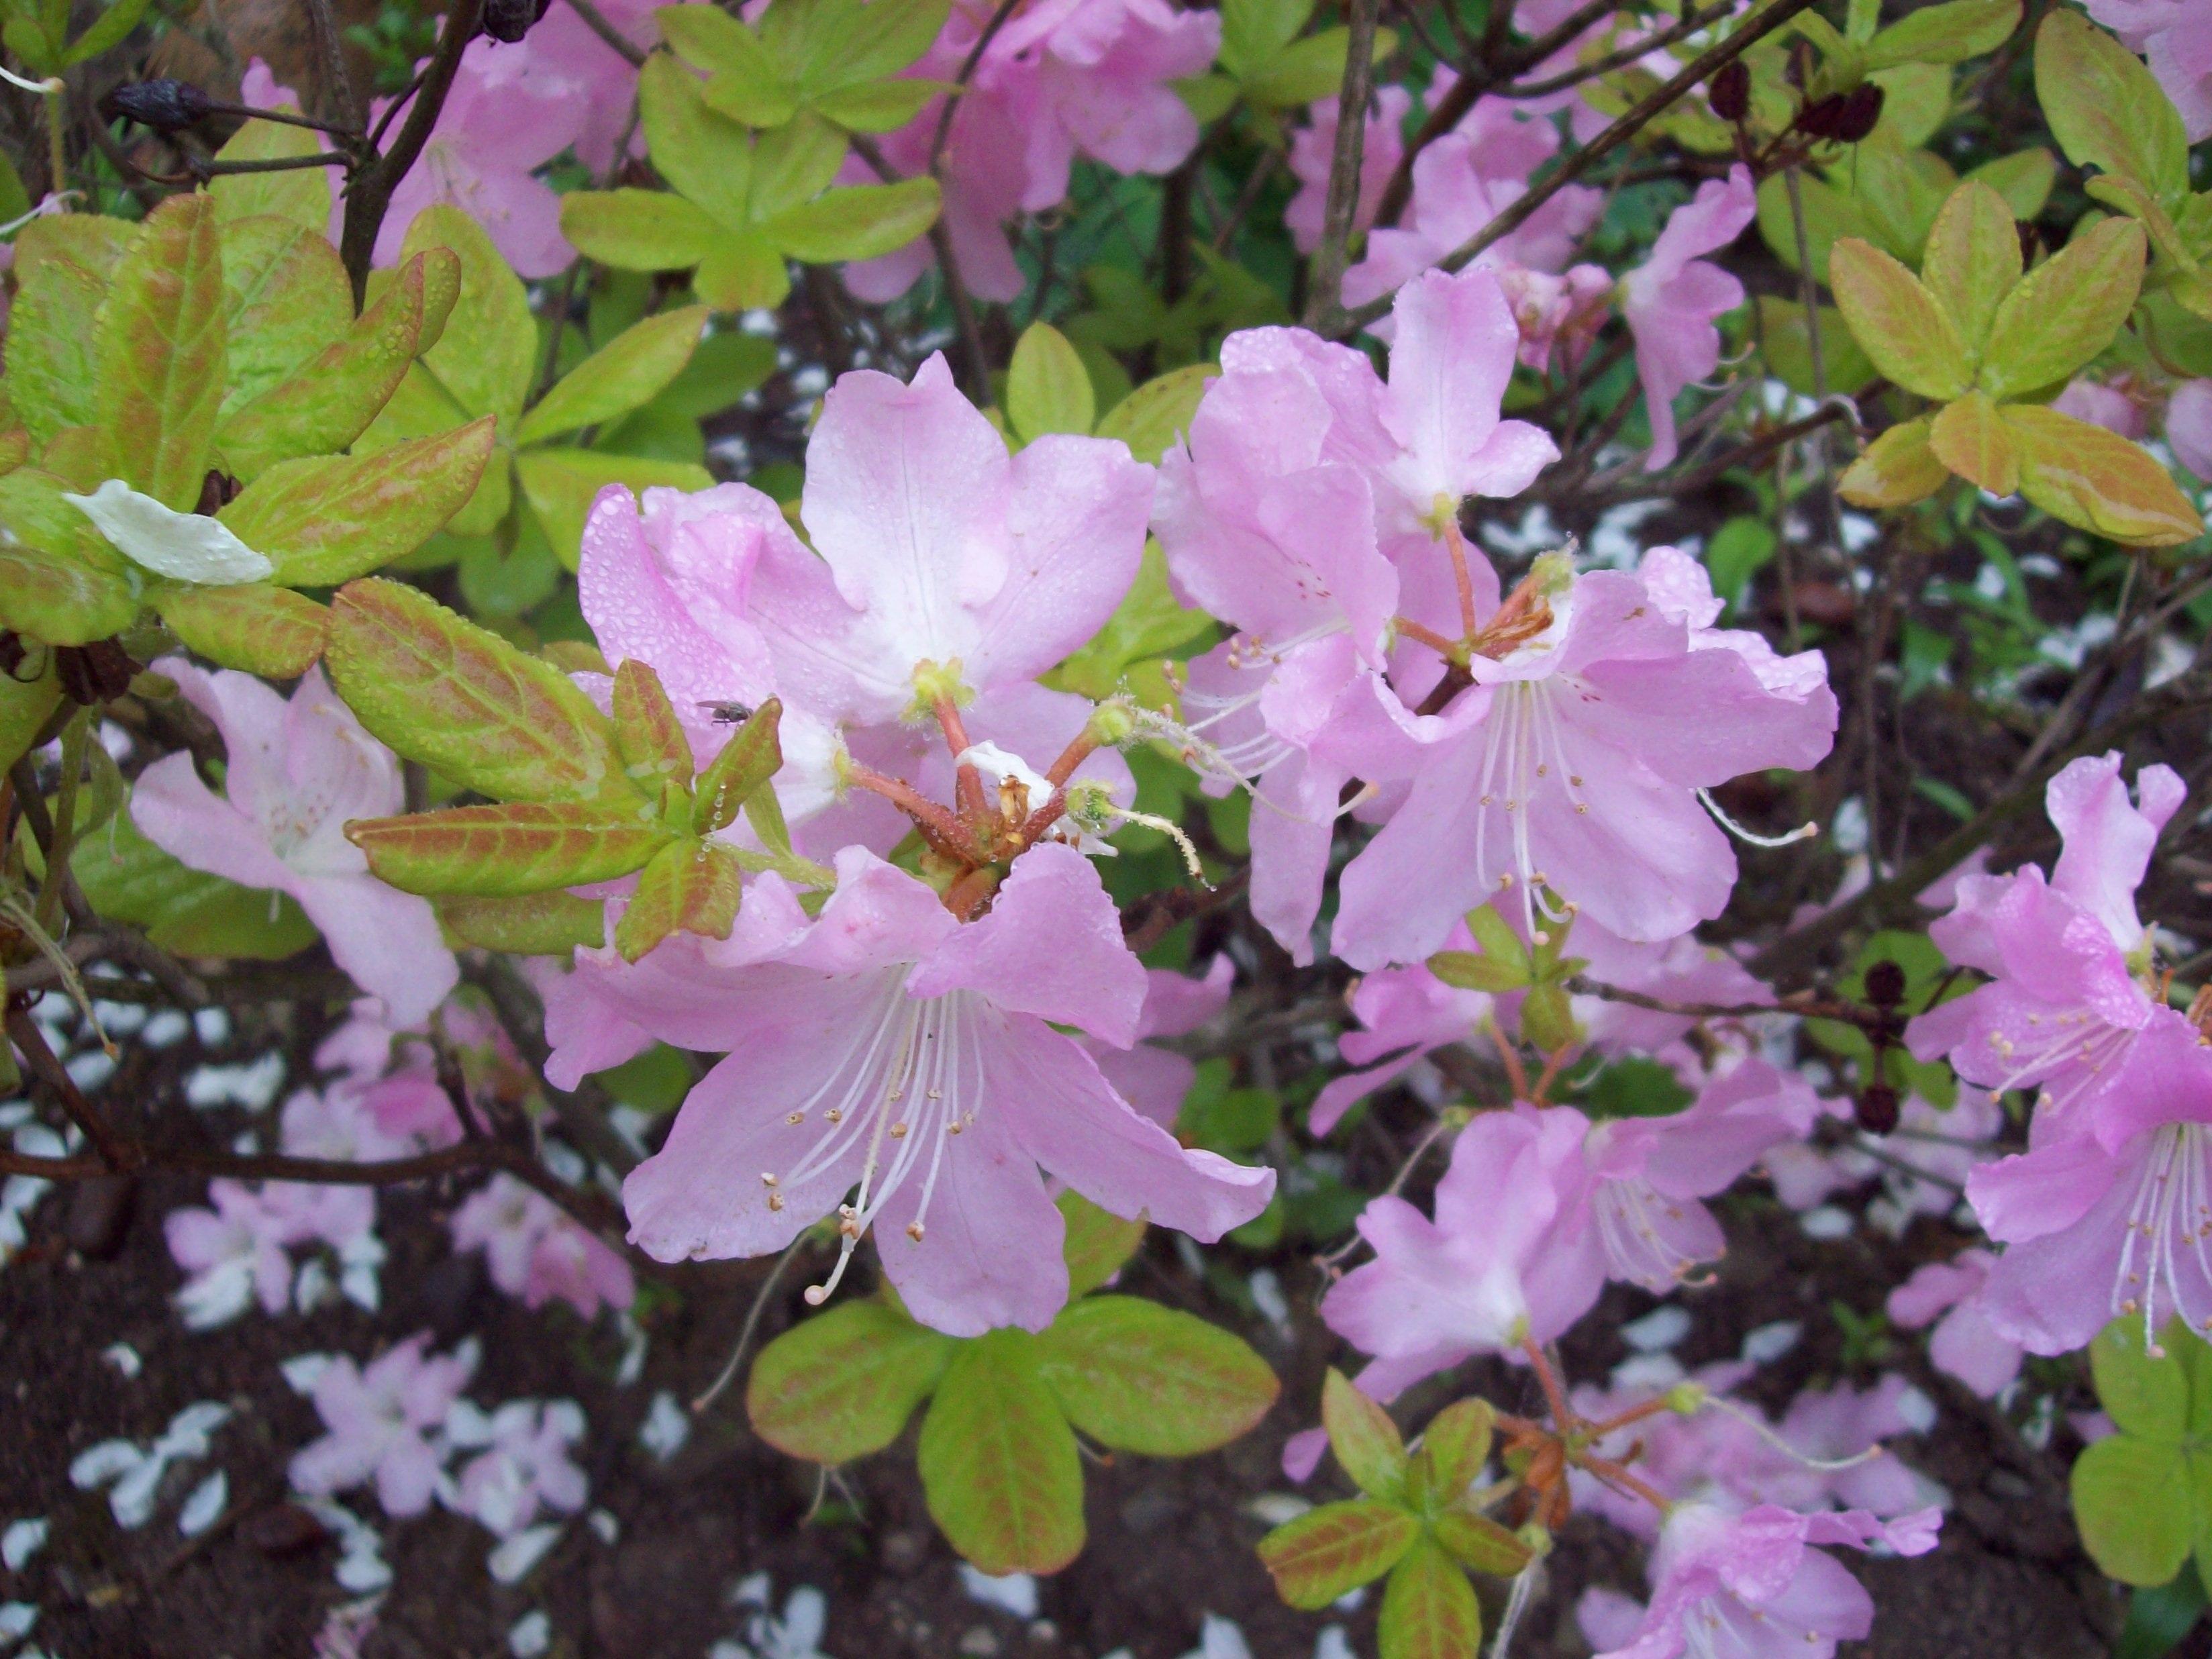 Бледно-розовые цветы рододендрона